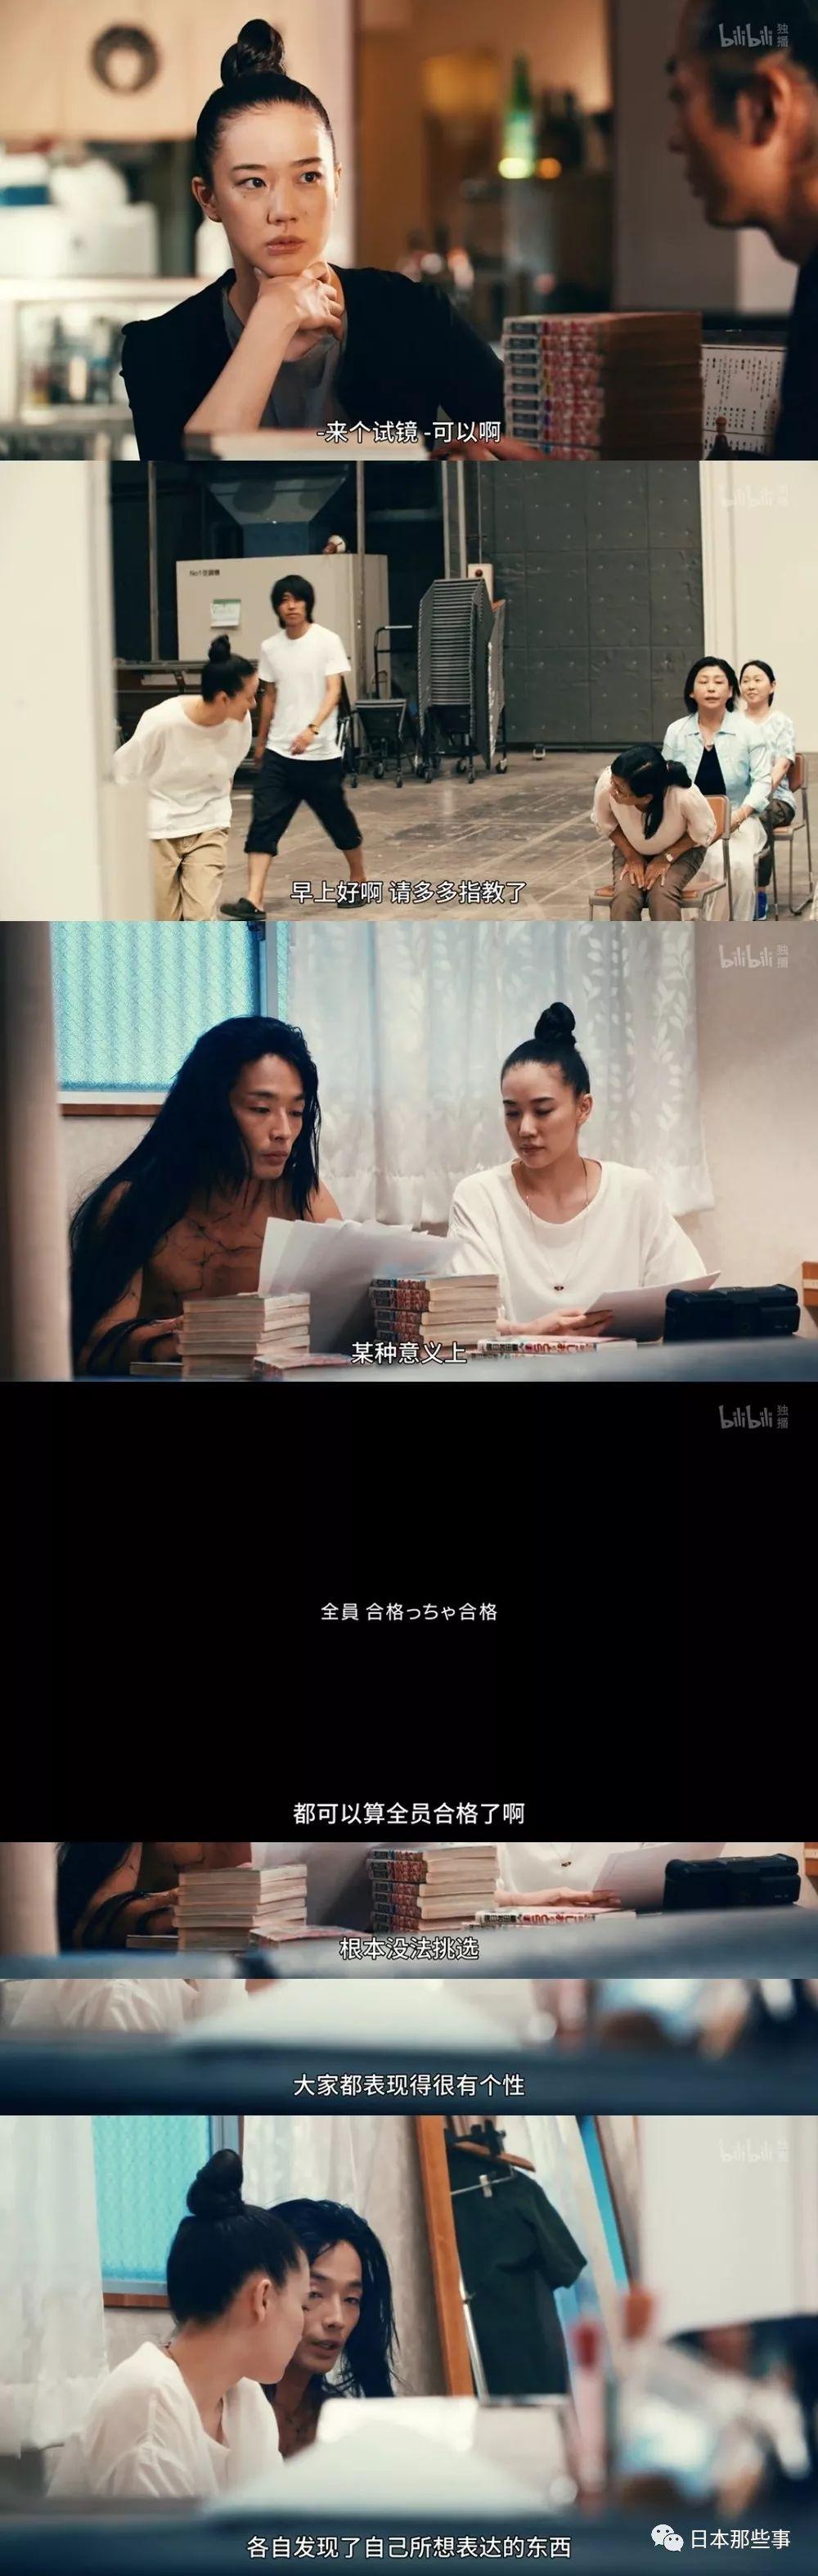 """第三集突然入镜开始大讲鸡汤的""""森川葵经纪人"""":"""